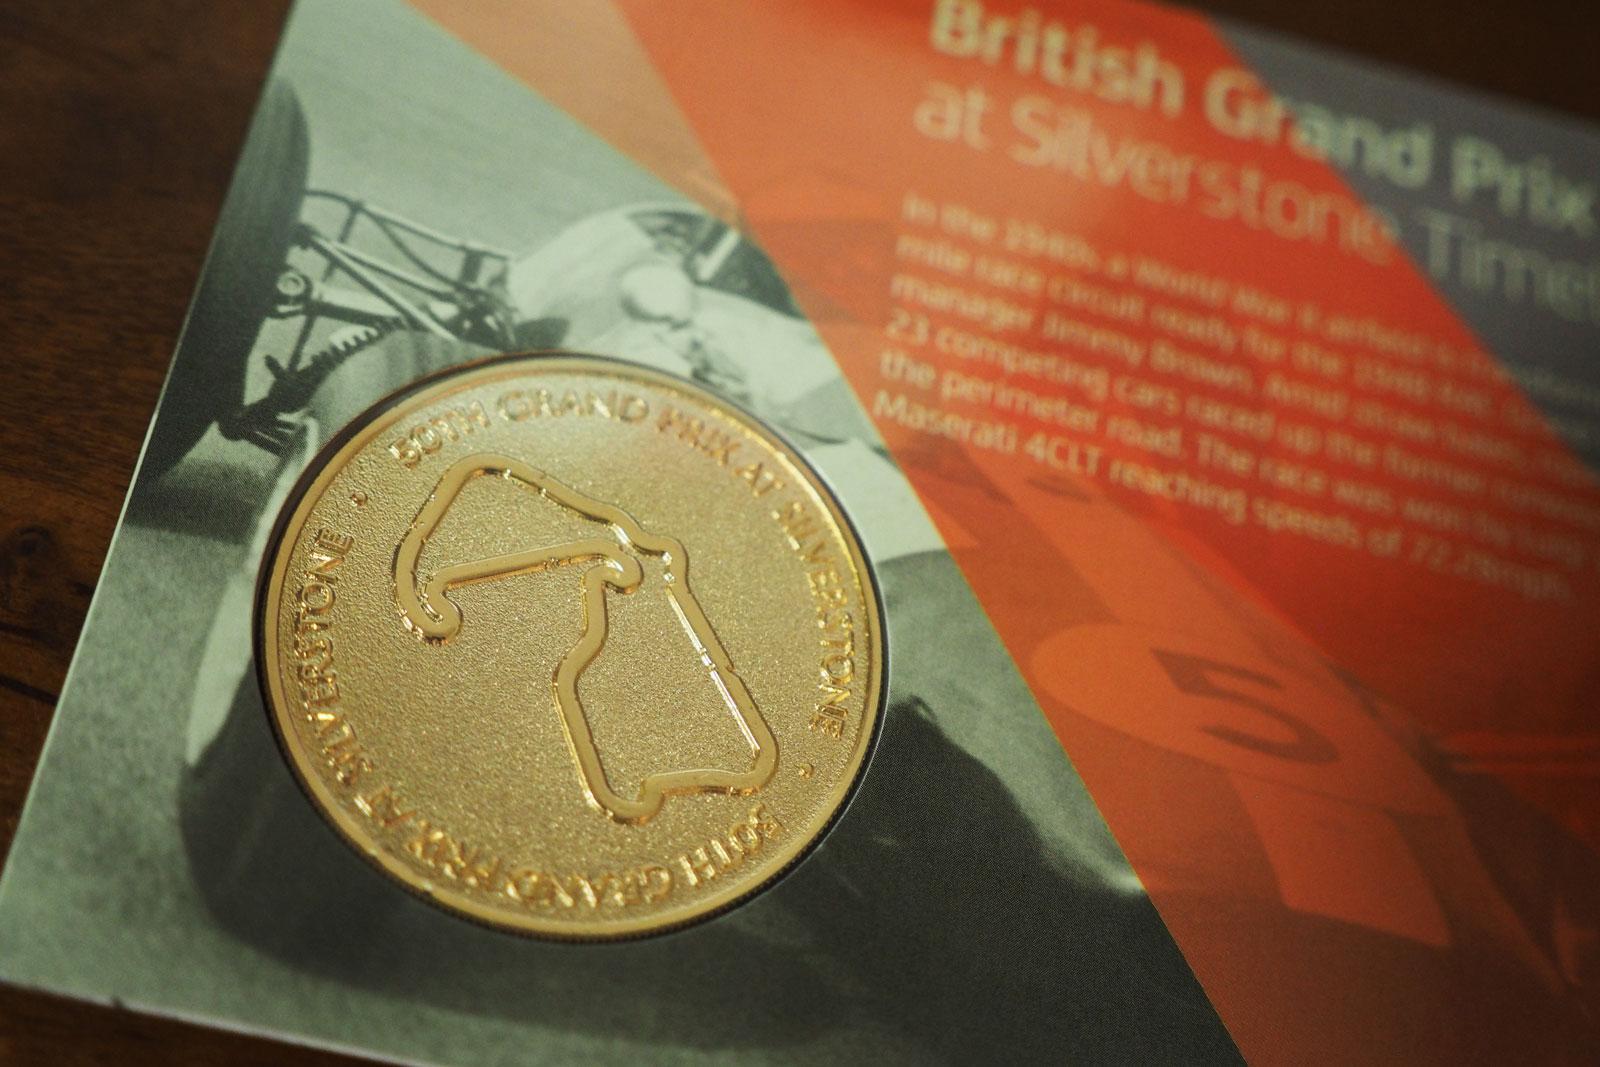 シルバーストン第50回イギリスGP開催記念コイン